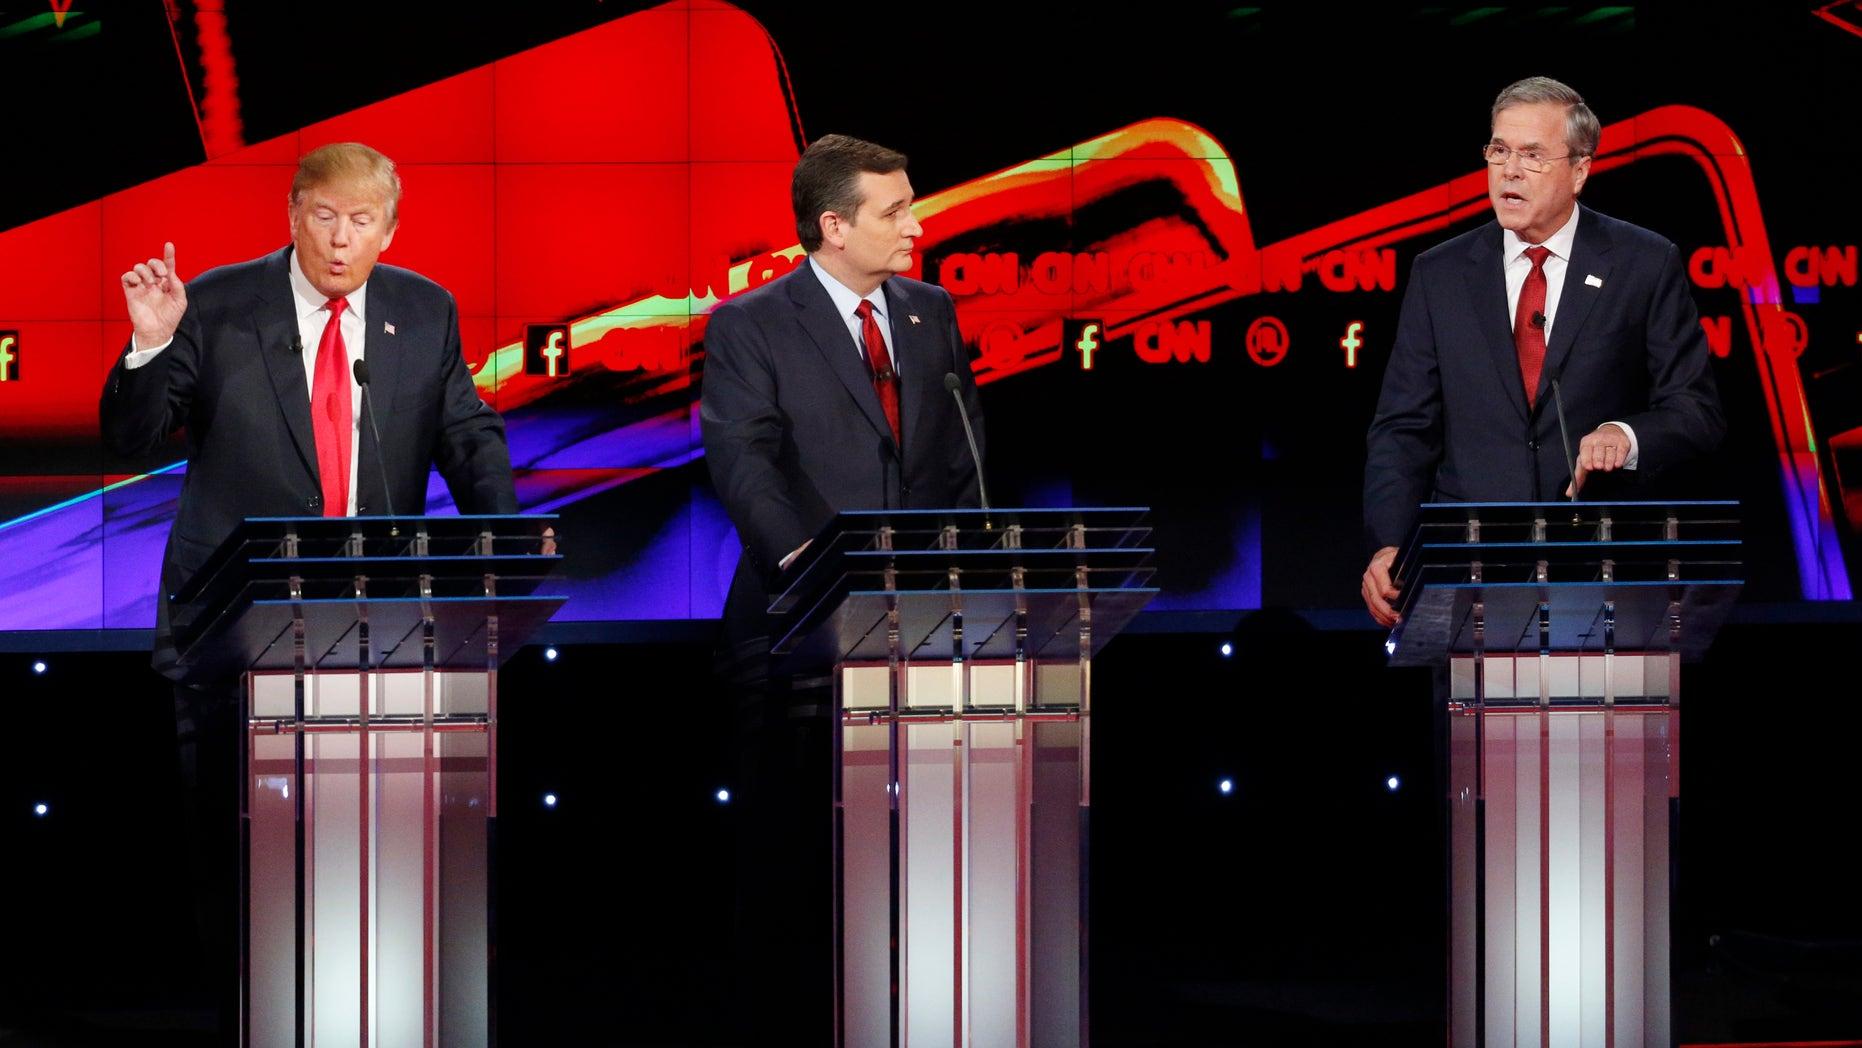 Donald Trump, a la izquierda, y Jeb Bush, a la derecha, hablan ante la mirada de Ted Cruz durante el debate republicano de CNN en el hotel y casino Venetian de Las Vegas, el martes 15 de diciembre de 2015 en Las Vegas. (AP Foto/John Locher)